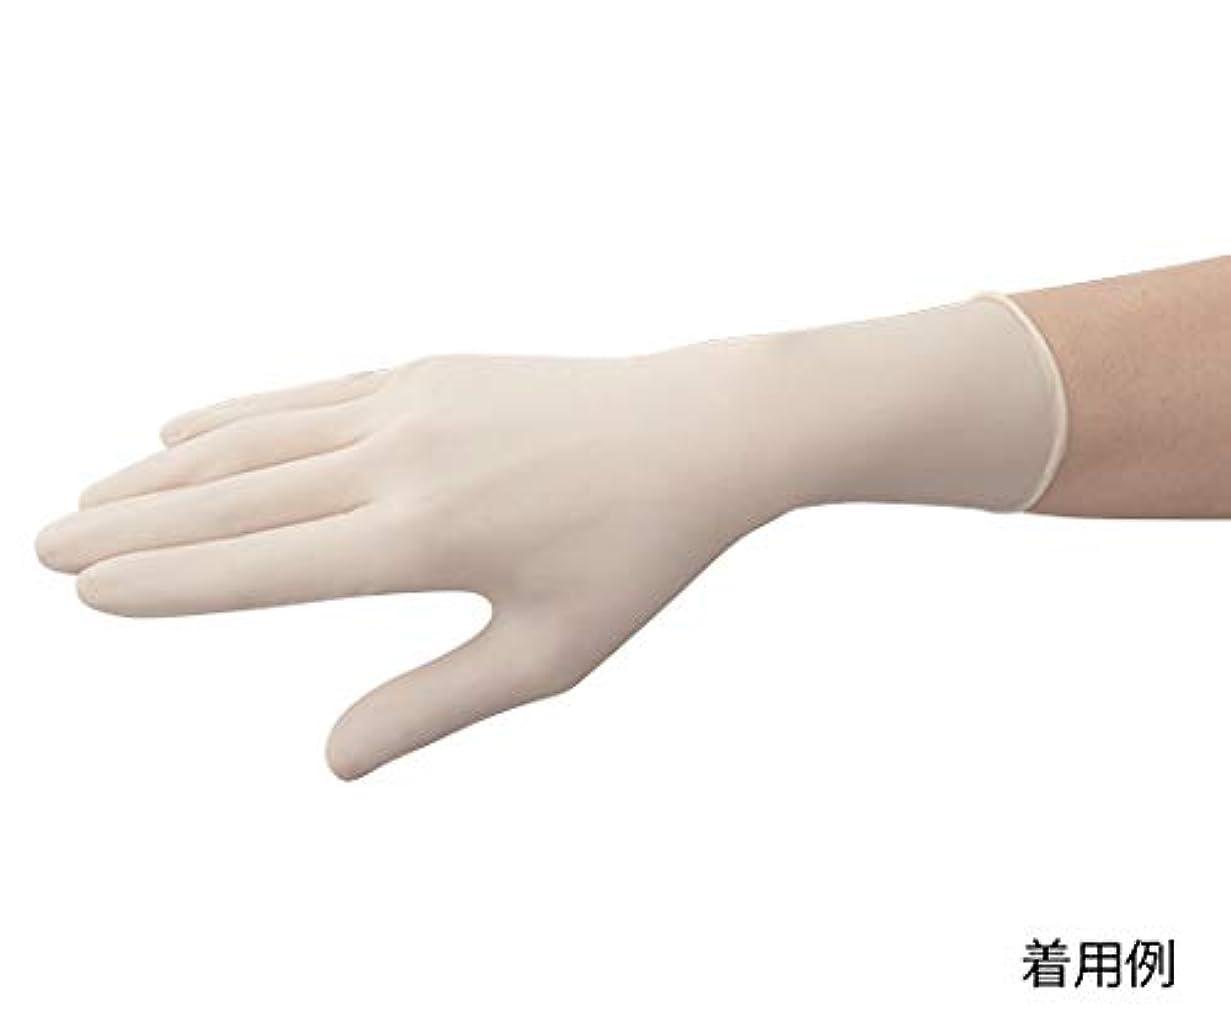 東レ?メディカル 手術用手袋メディグリップ パウダーフリー50双 8175MG